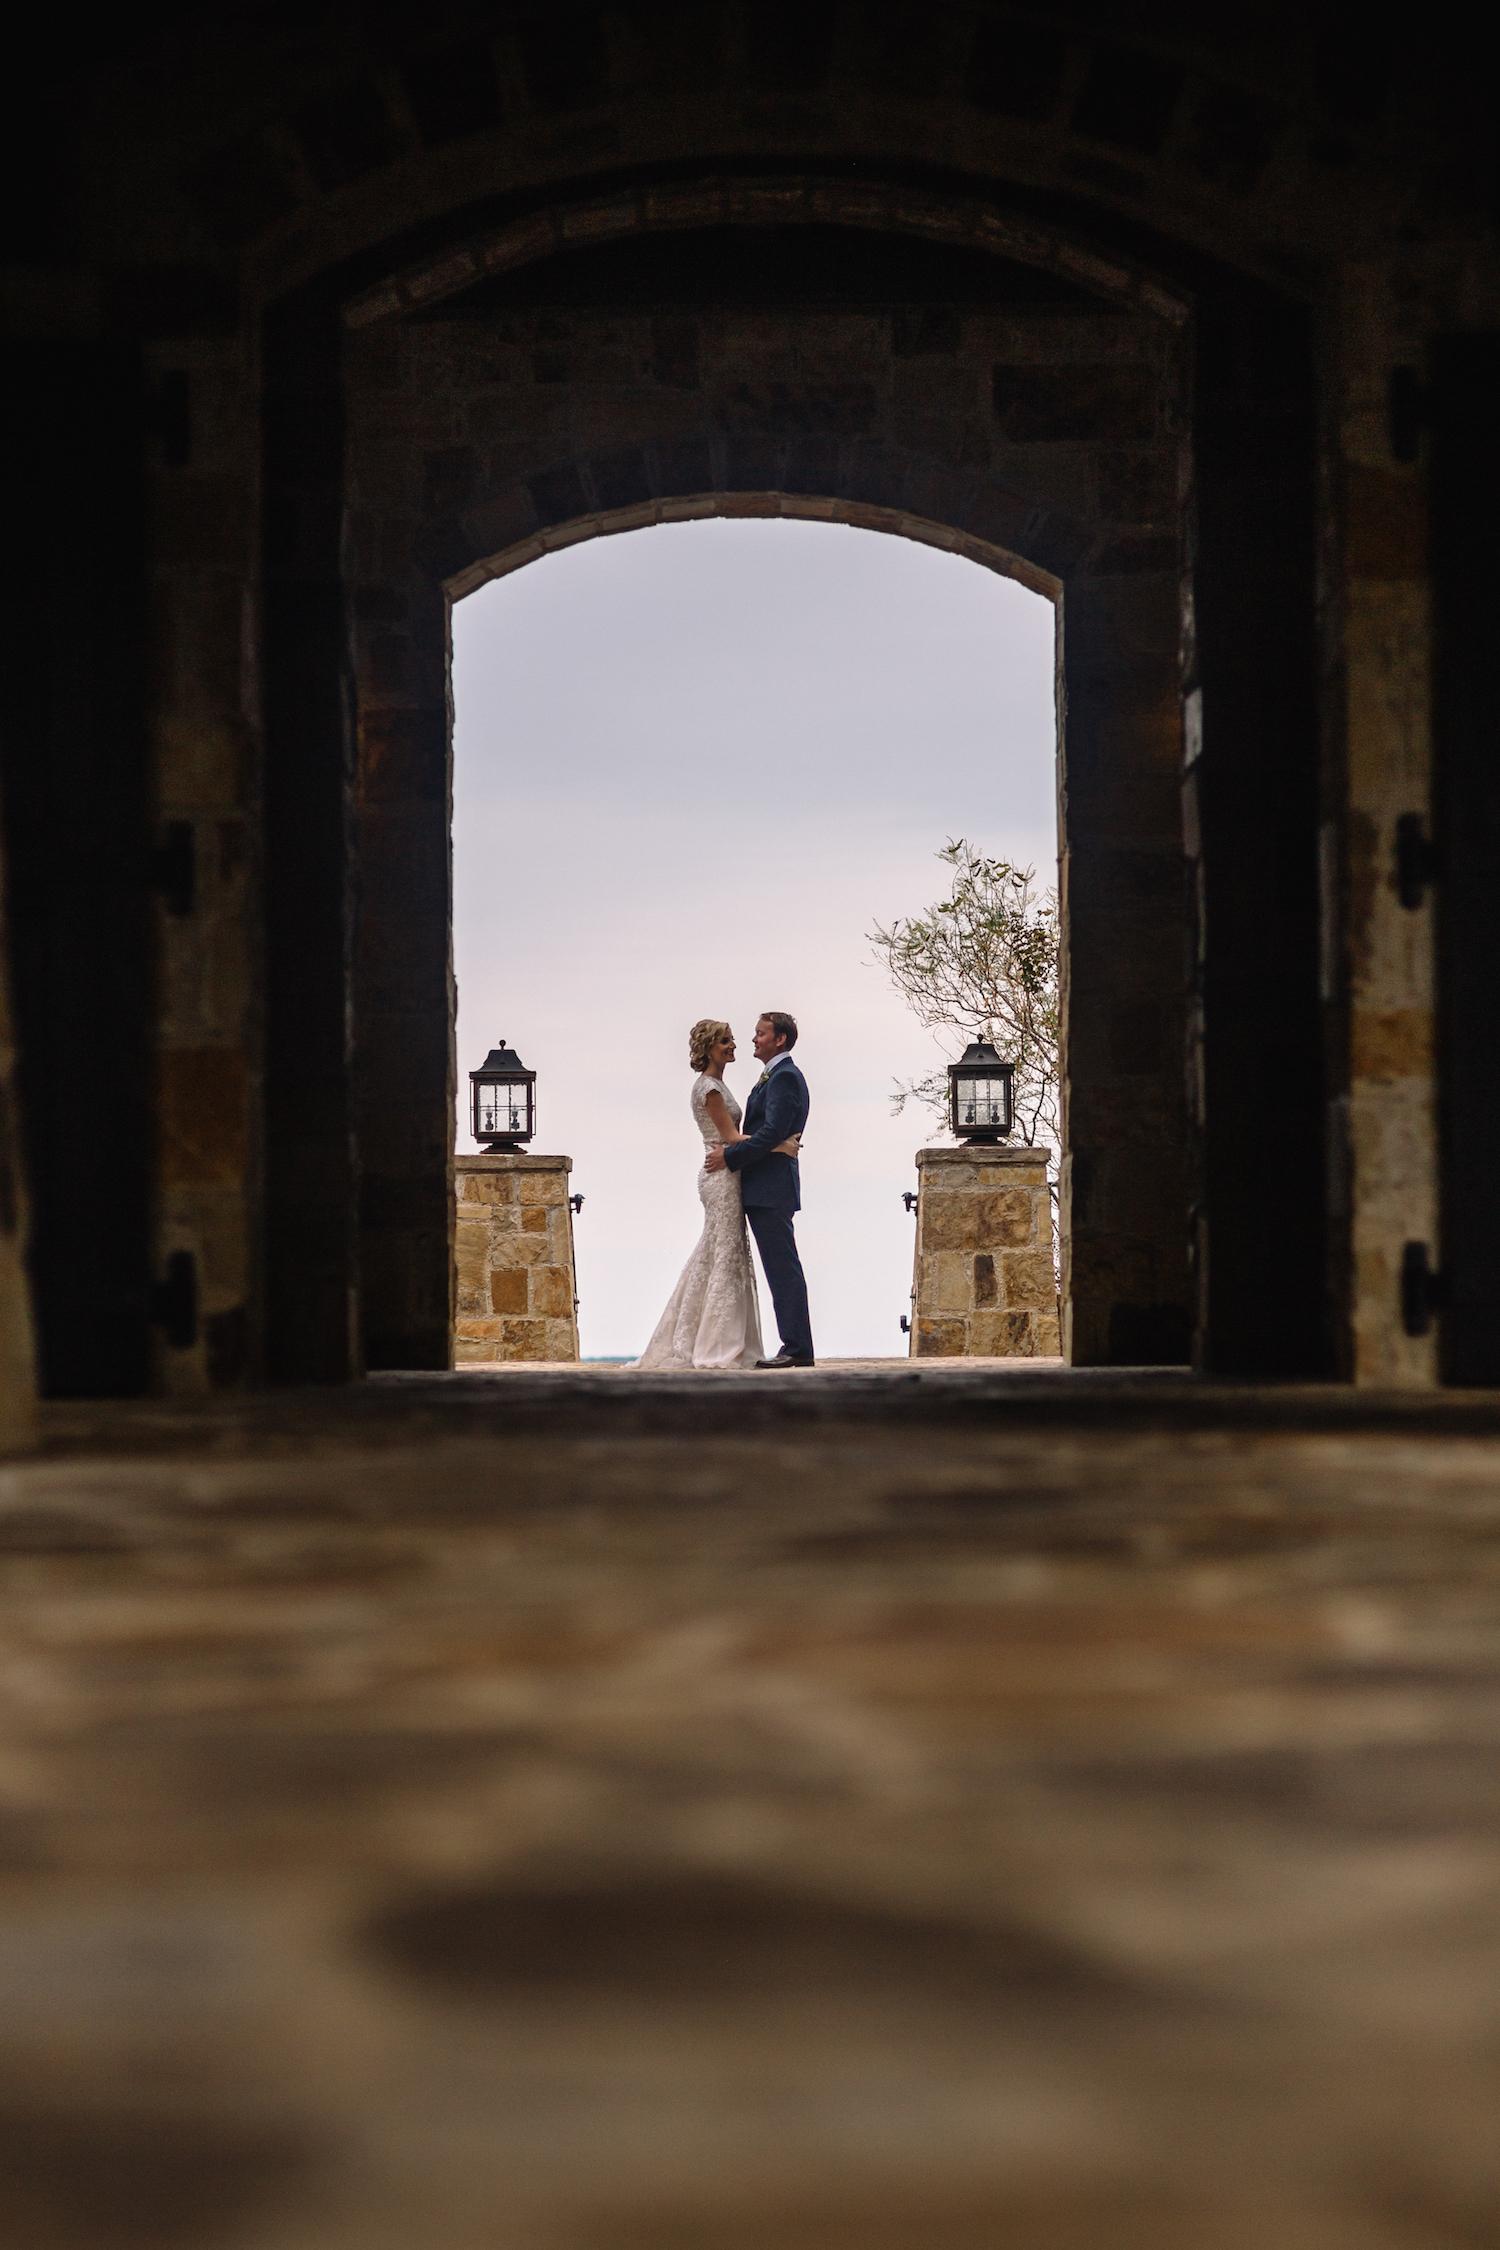 Boot Ranch Fredericksburg Texas destination wedding photographer